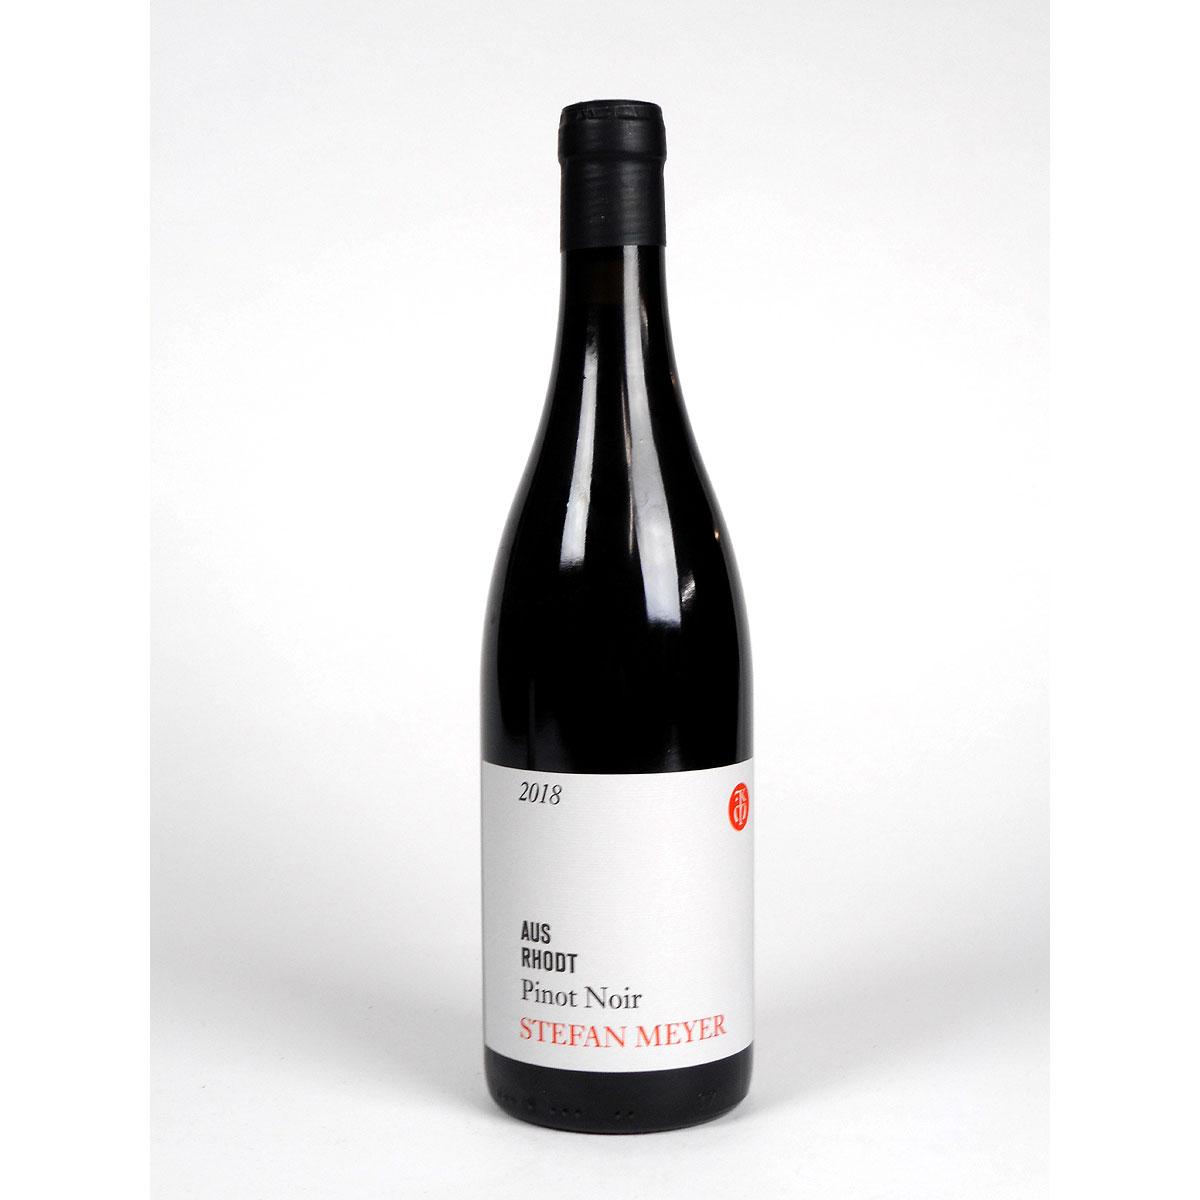 Pfalz: Stefan Meyer 'Aus Rhodt' Pinot Noir 2018 - Bottle